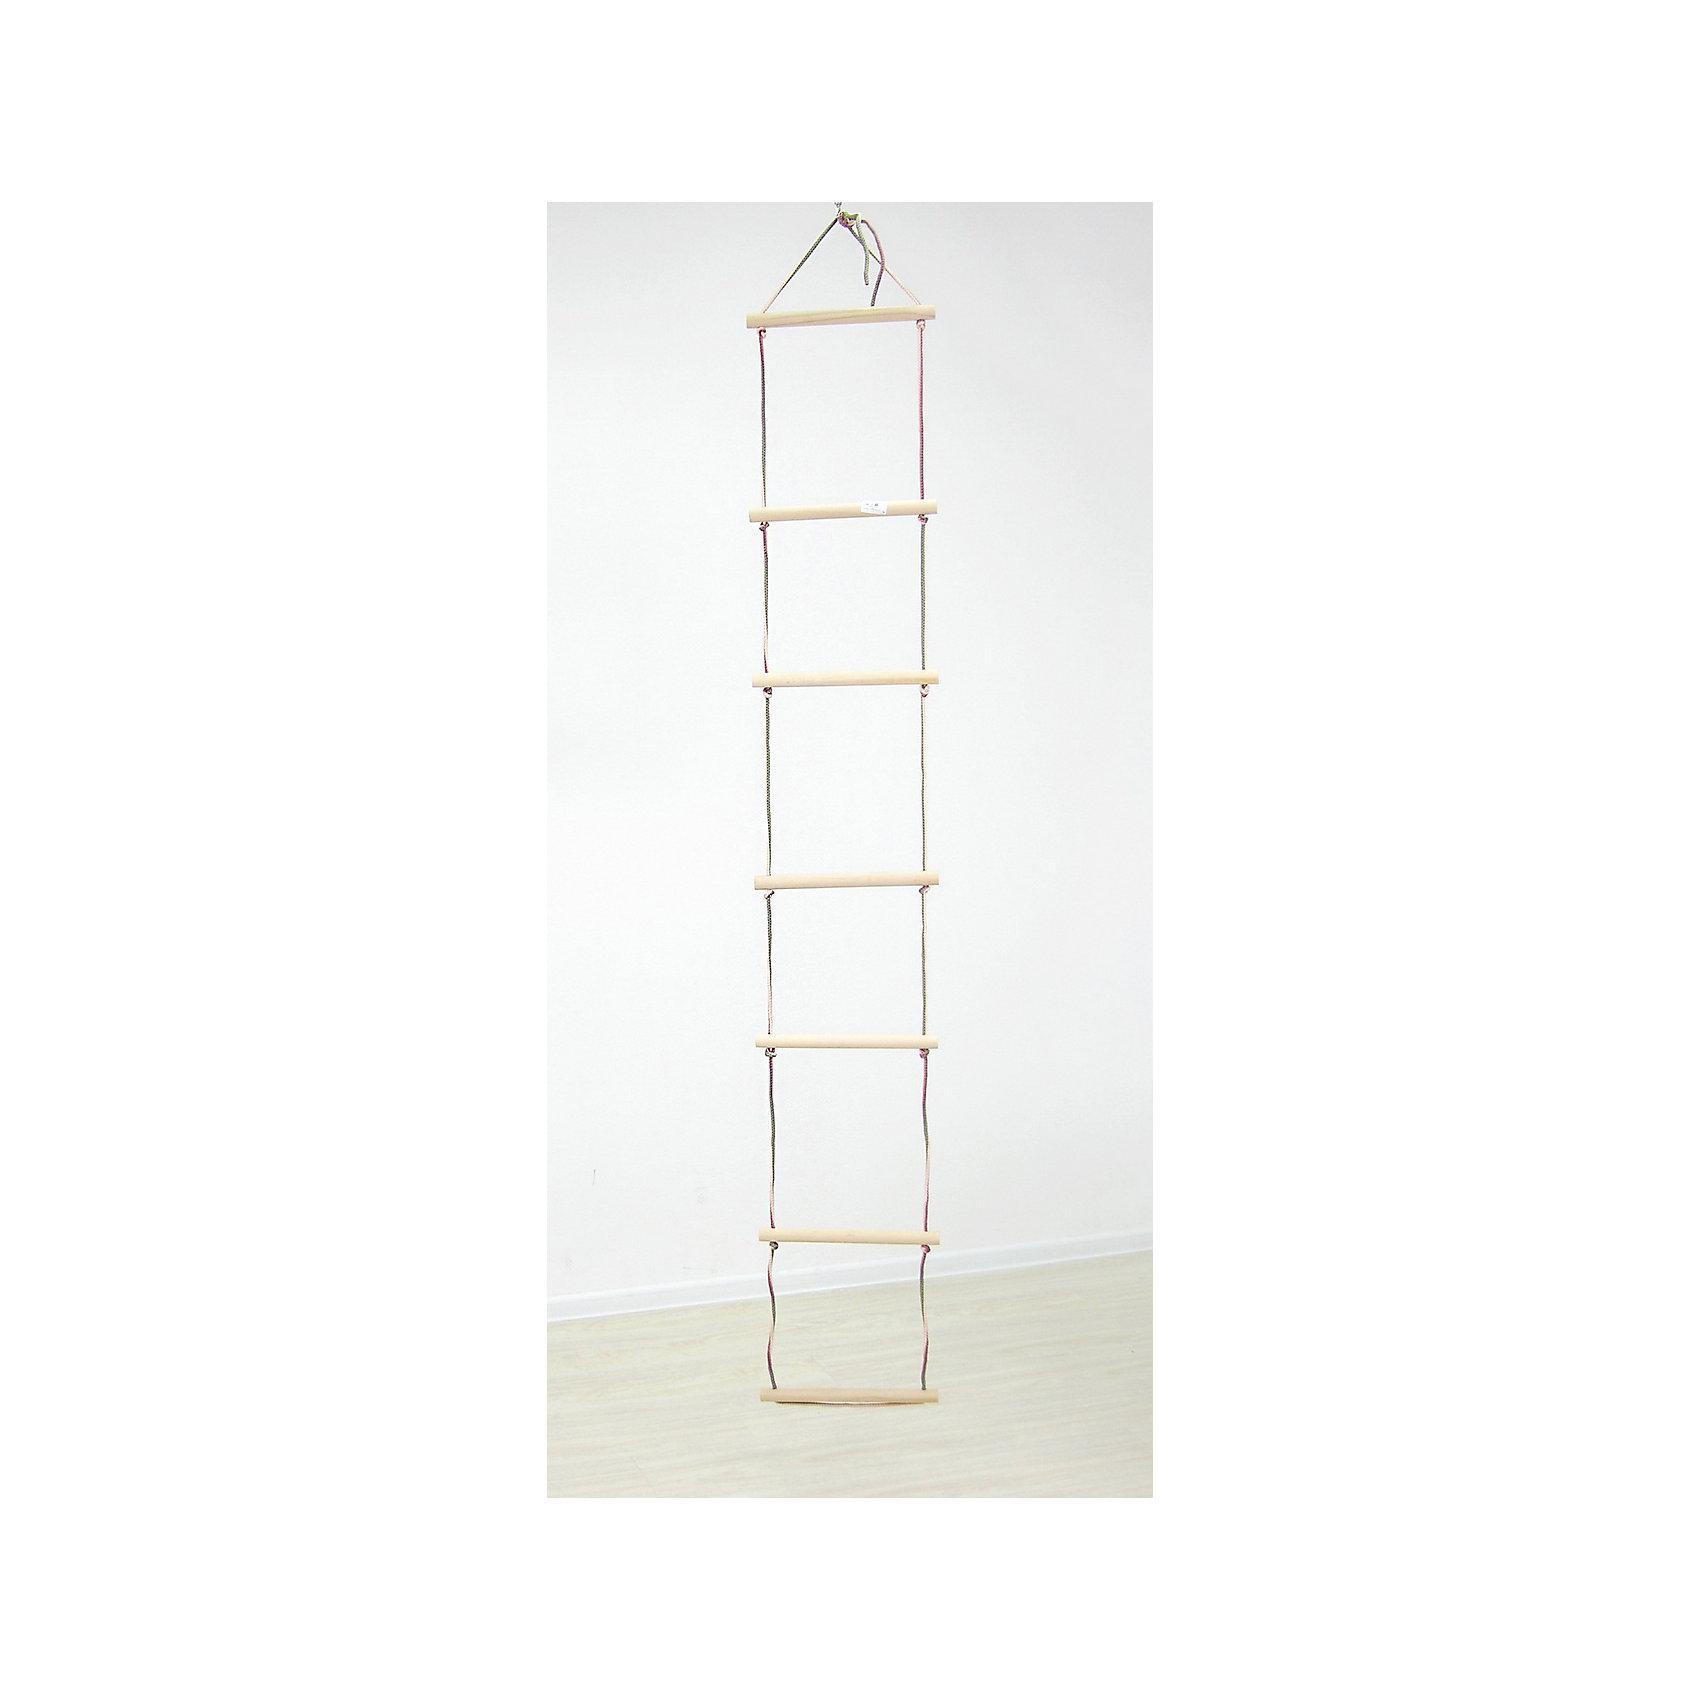 Лестница подвесная, ФеяШведские стенки<br>*ступени из высококачественной древесины,<br>шлифованные, диаметром 25 мм, шириной 300 мм,<br>* высокопрочный шнур диаметром 5 мм,<br>* шаг ступеней: 30 см,<br>* максимальная нагрузка :40 кг<br><br>Ширина мм: 600<br>Глубина мм: 500<br>Высота мм: 250<br>Вес г: 1700<br>Возраст от месяцев: 6<br>Возраст до месяцев: 144<br>Пол: Унисекс<br>Возраст: Детский<br>SKU: 5610144